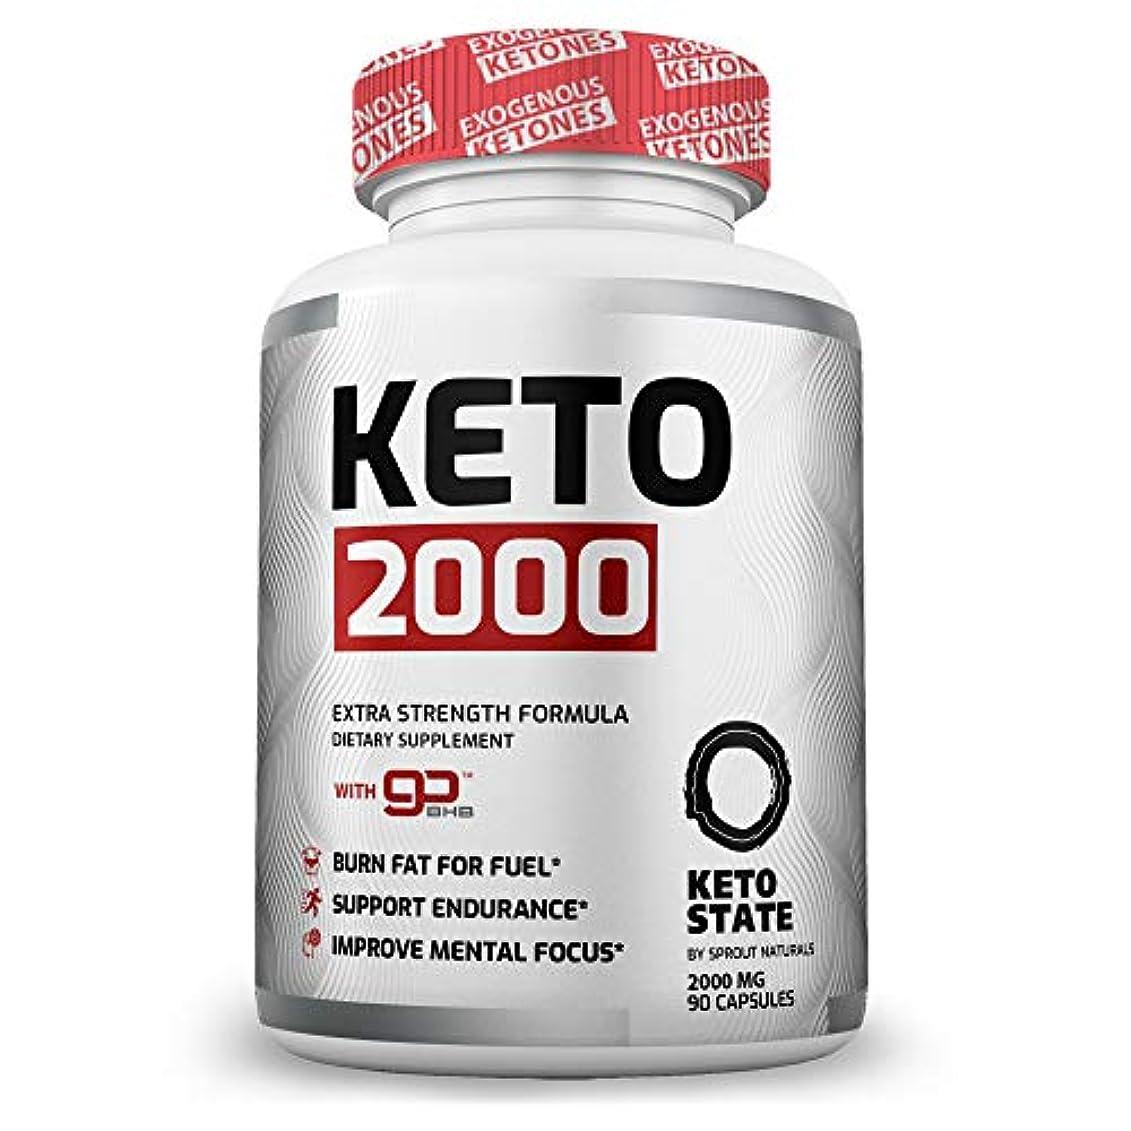 ブート石灰岩かどうかKETO 2000 ケトジェニック 2000 ダイエット 燃焼系 サプリ 90粒 by Sprout Naturals [海外直送品]